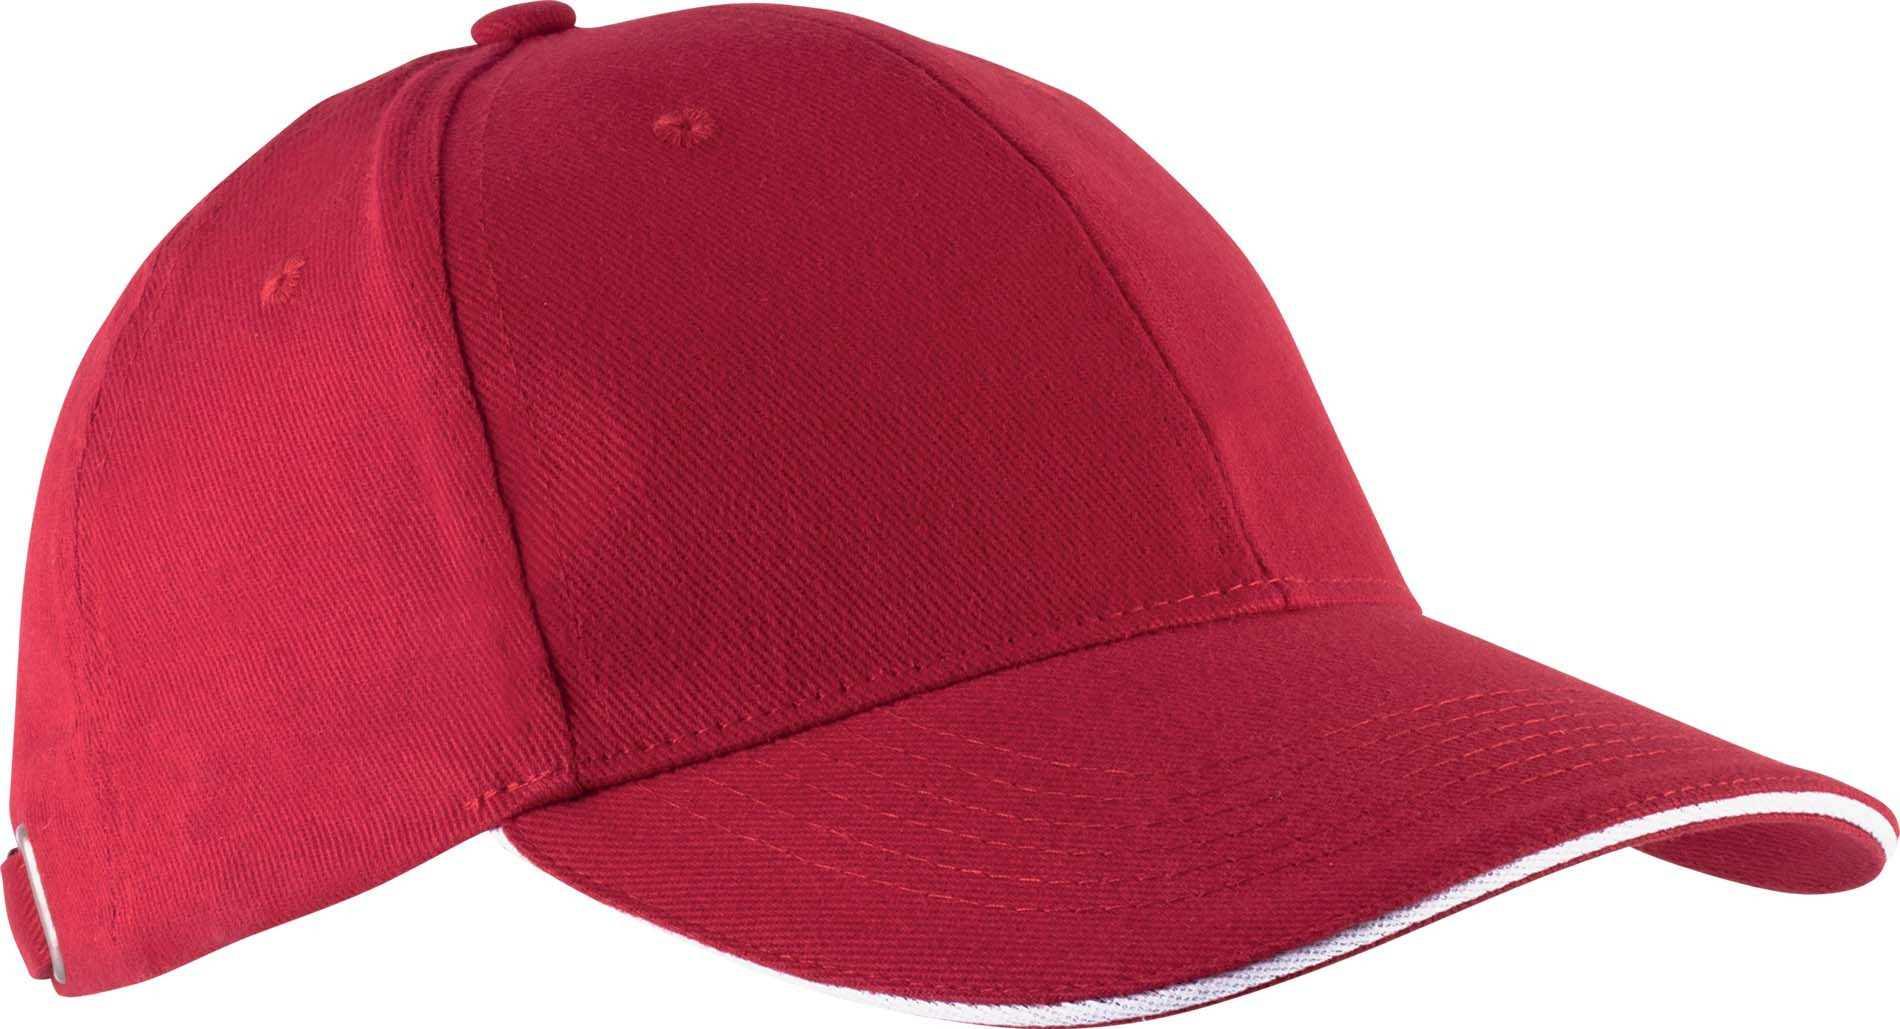 casquette rouge americaine